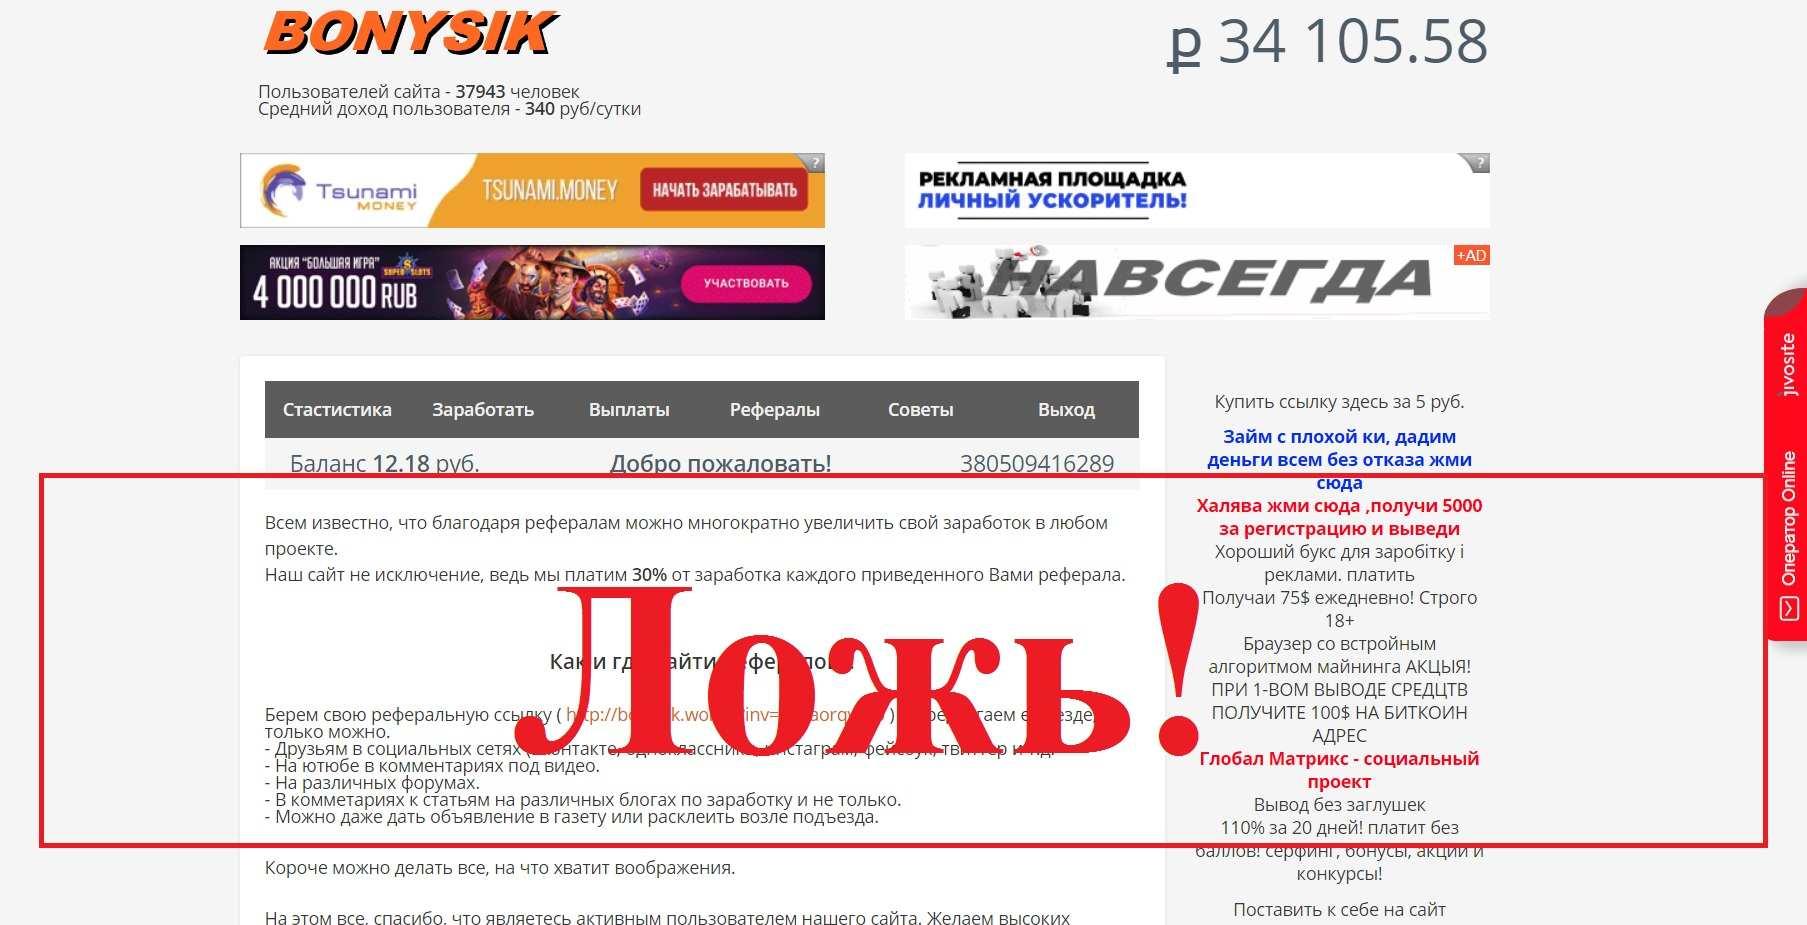 Bonysik – отзывы о раздаче бонусов на bonysik.world